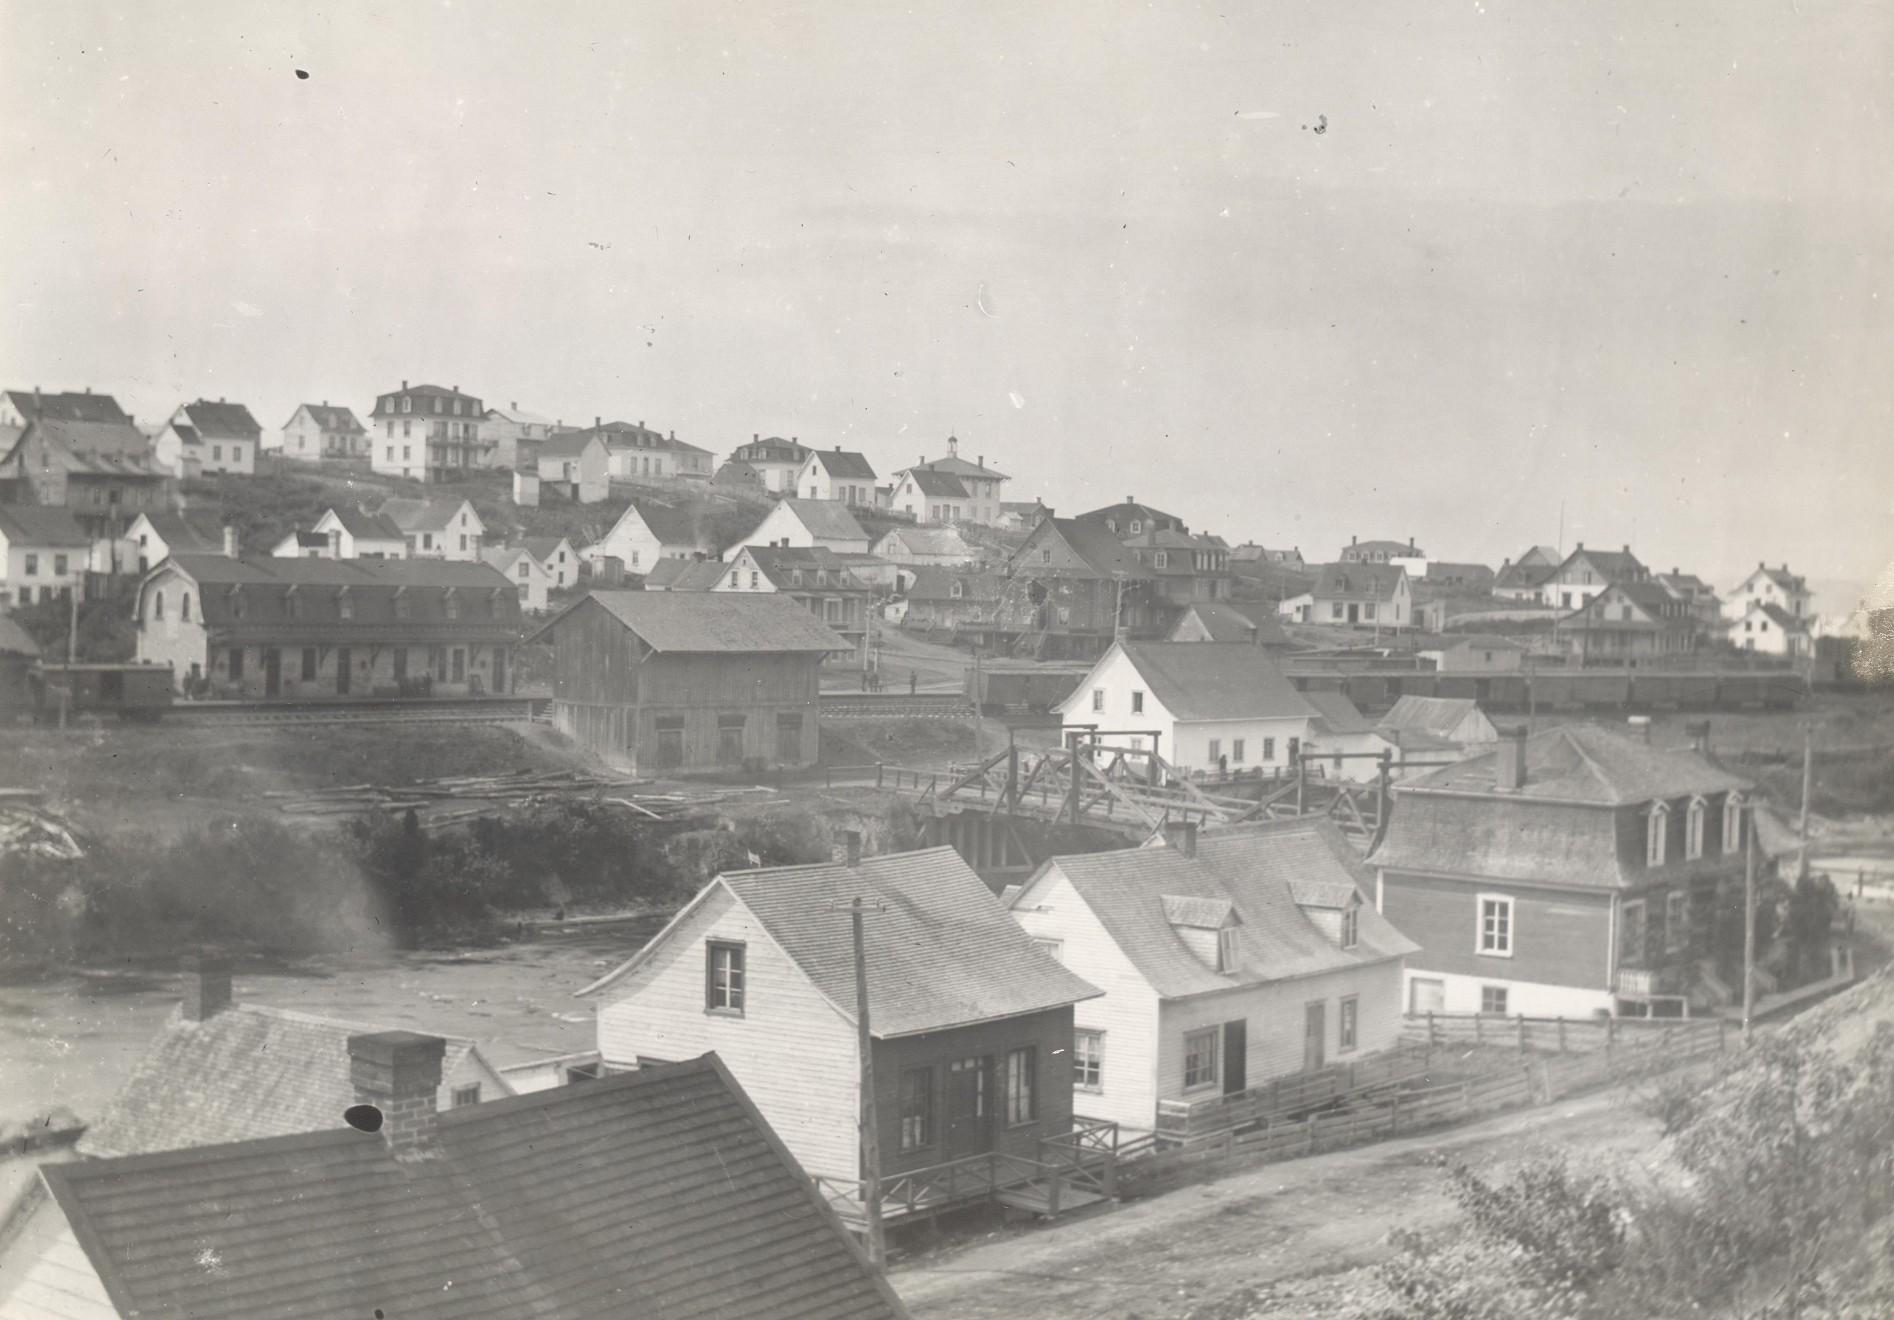 Secteur de la gare de l'Intercolonial en 1883 vue de la paroisse Saint-Ludger aujourd'hui. Archives de la société d'histoire et de généalogie de Rivière-du-Loup.